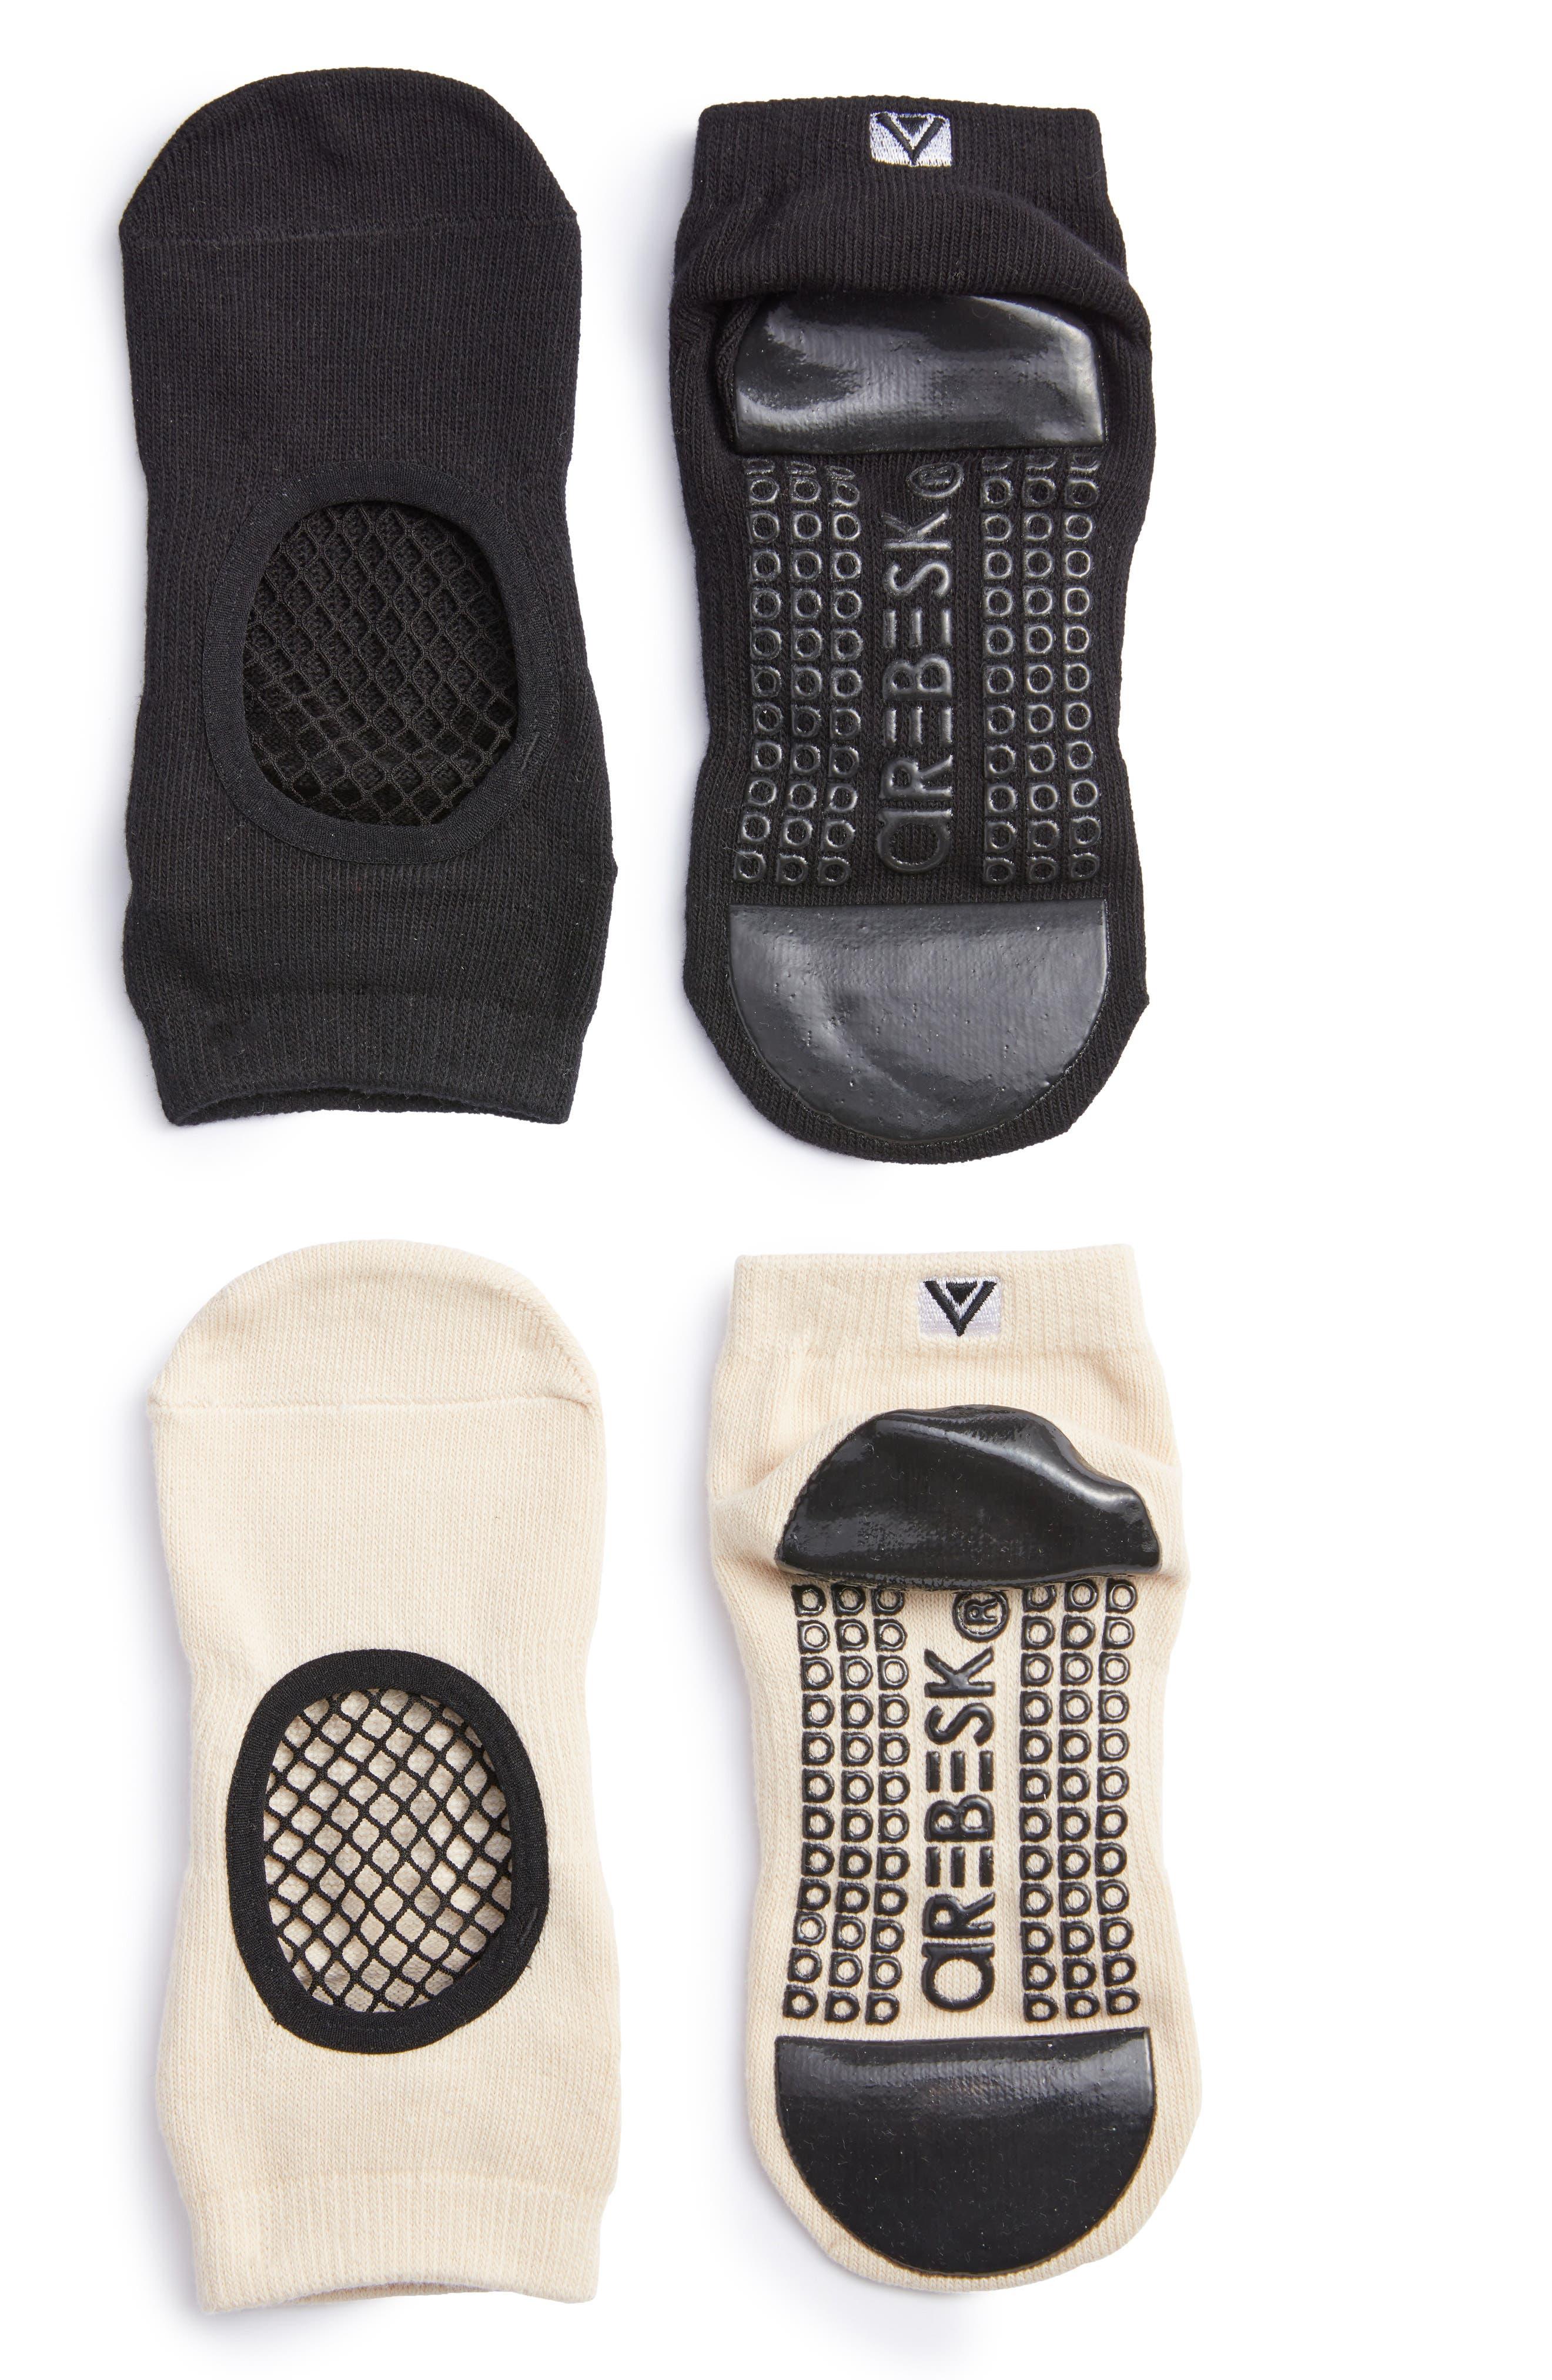 Phish Net Assorted 2-Pack Ankle Socks